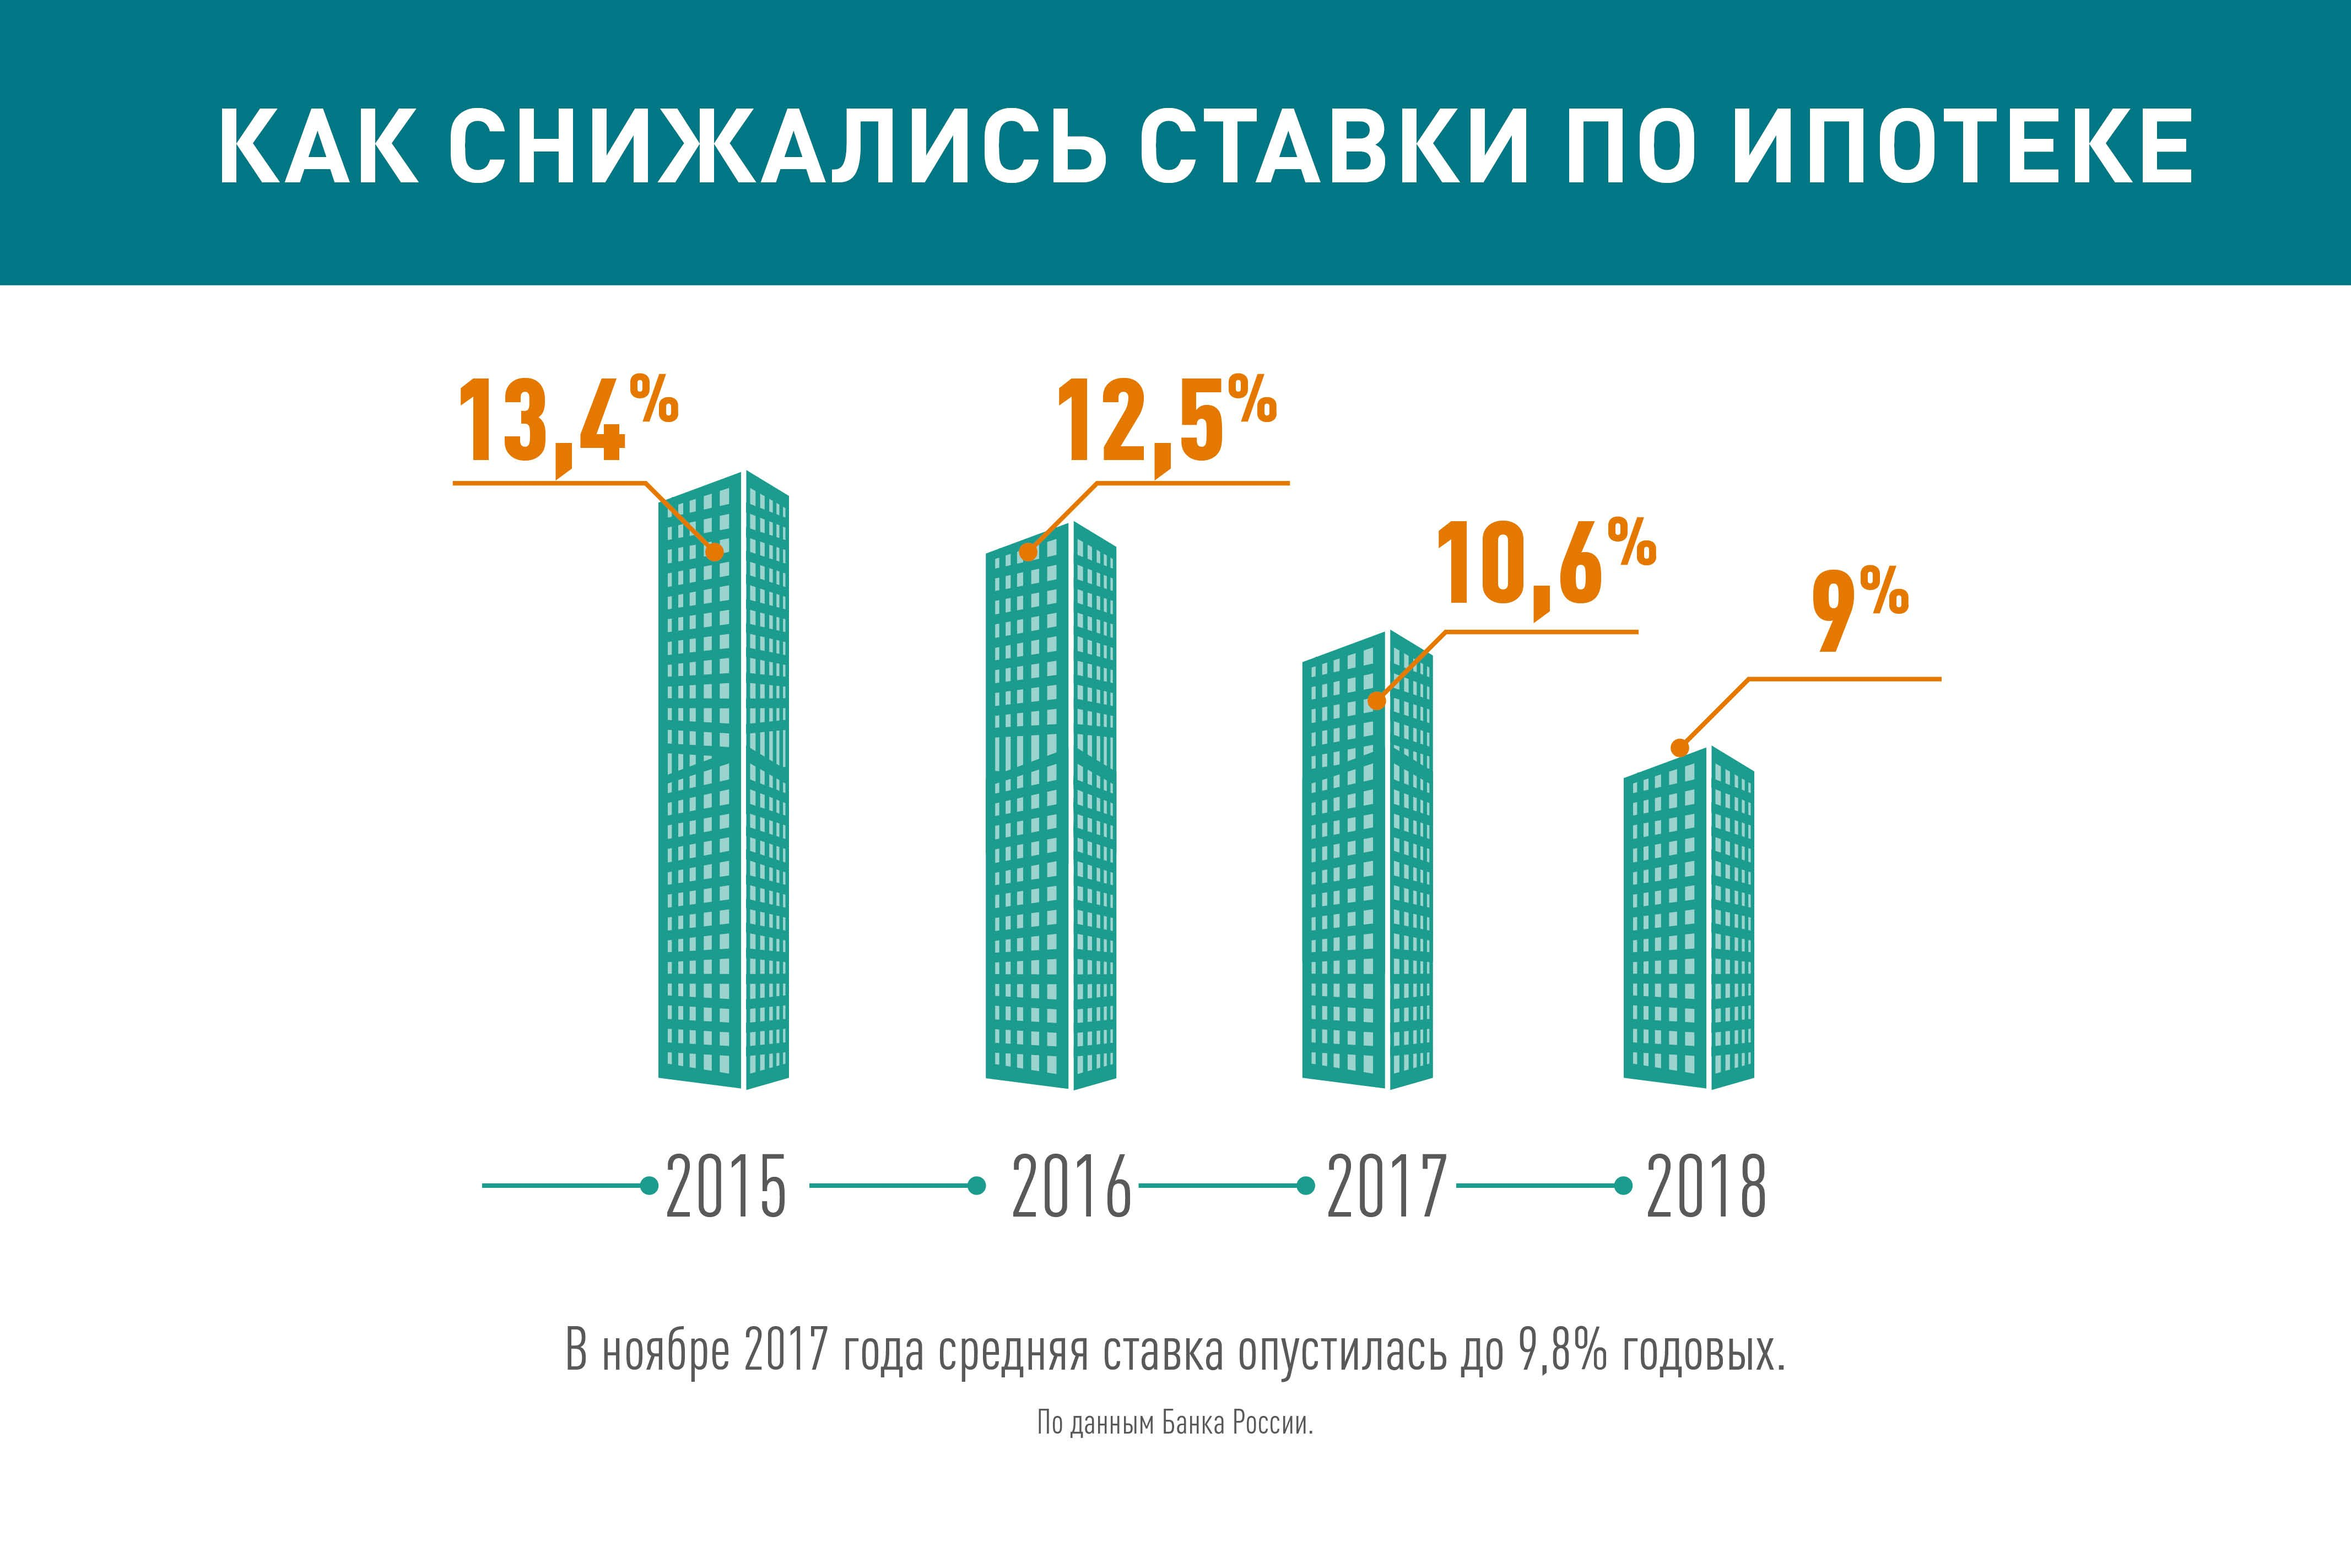 Потребительский кредит в спб низкий процент в банке